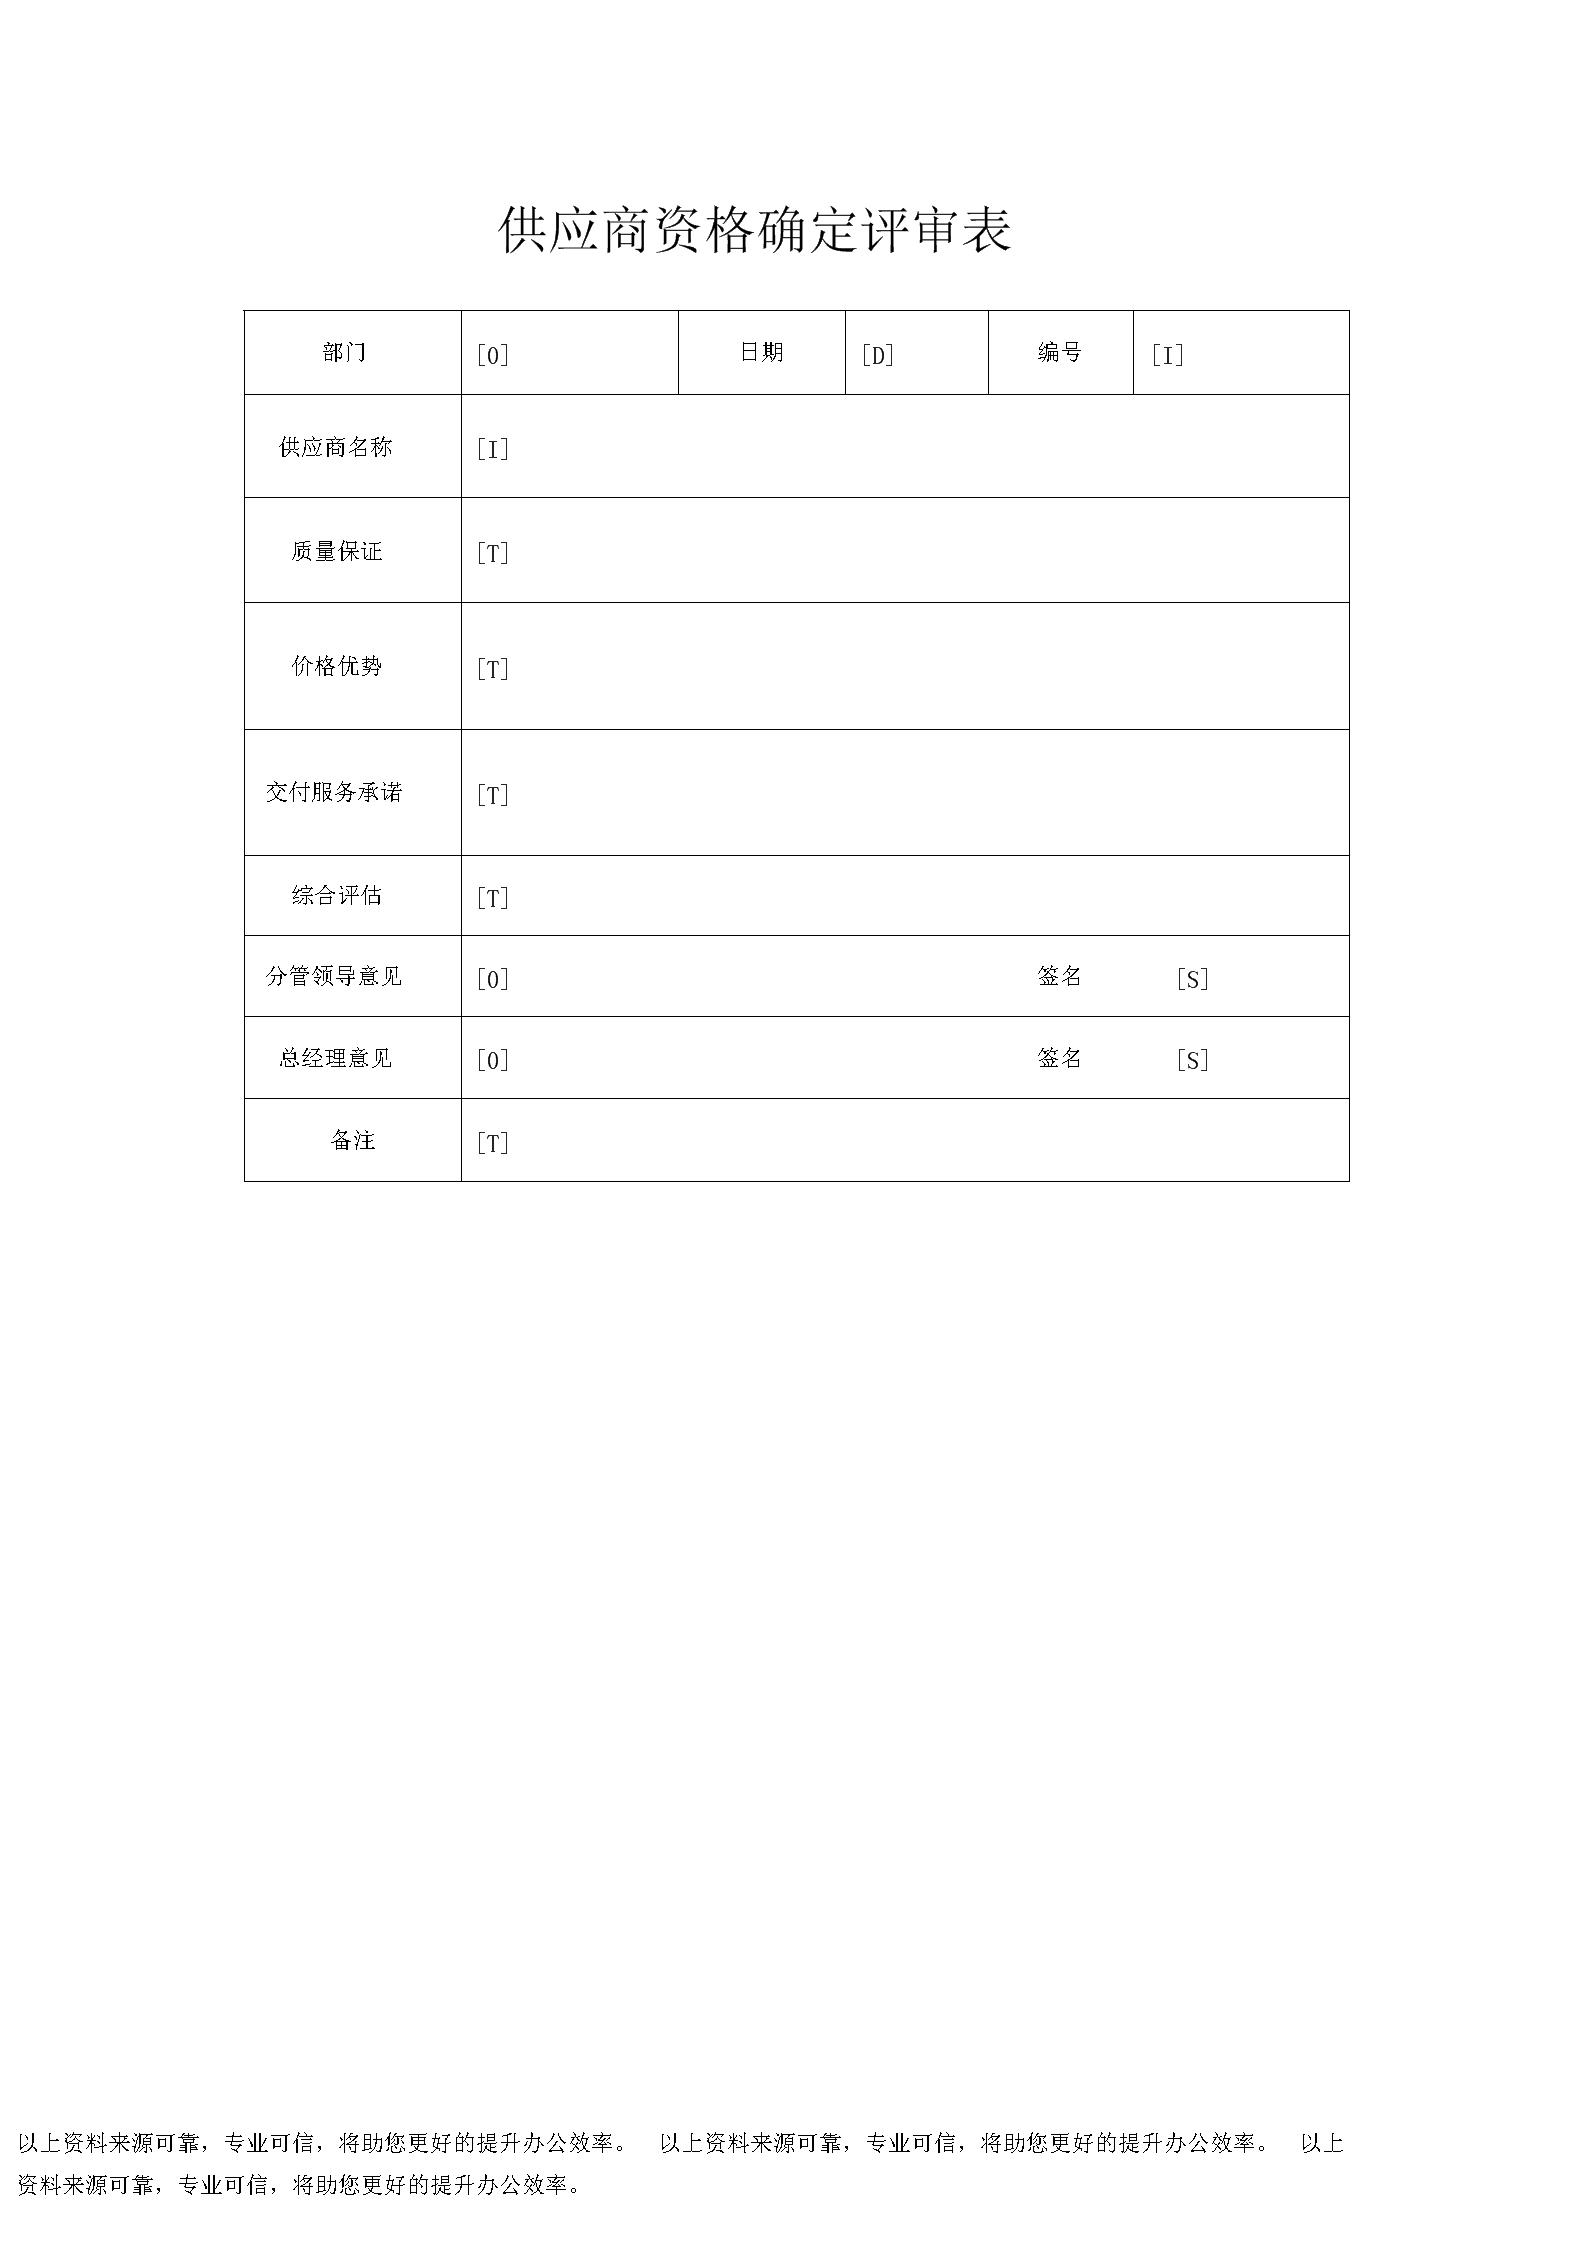 供应商资格确定评审表.docx